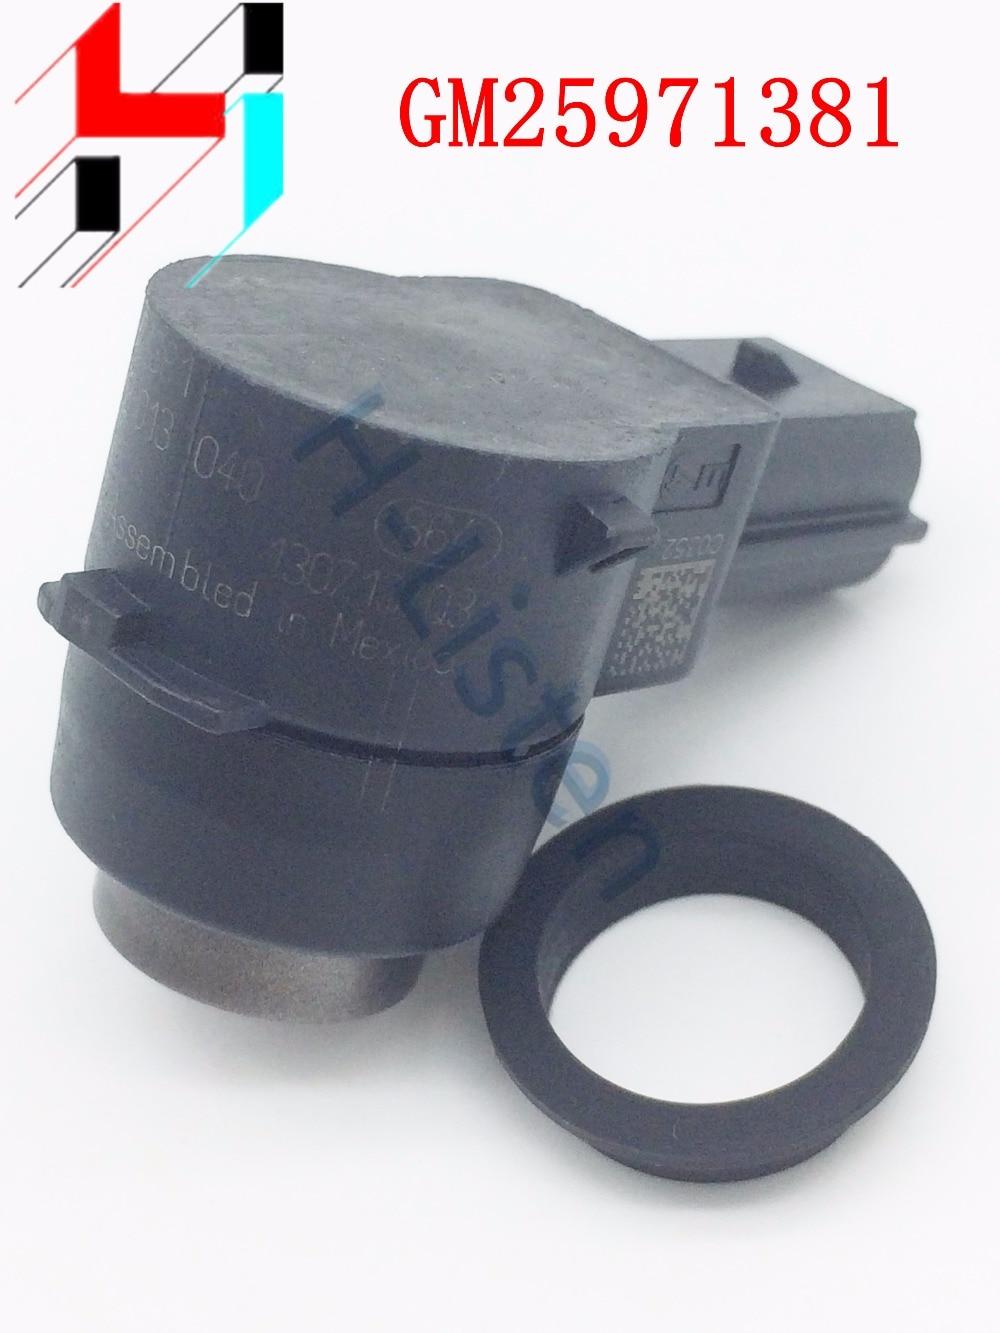 Sensor ultrasónico PDC de estacionamiento 25971381 Original asistencia inversa forOE #0263013040